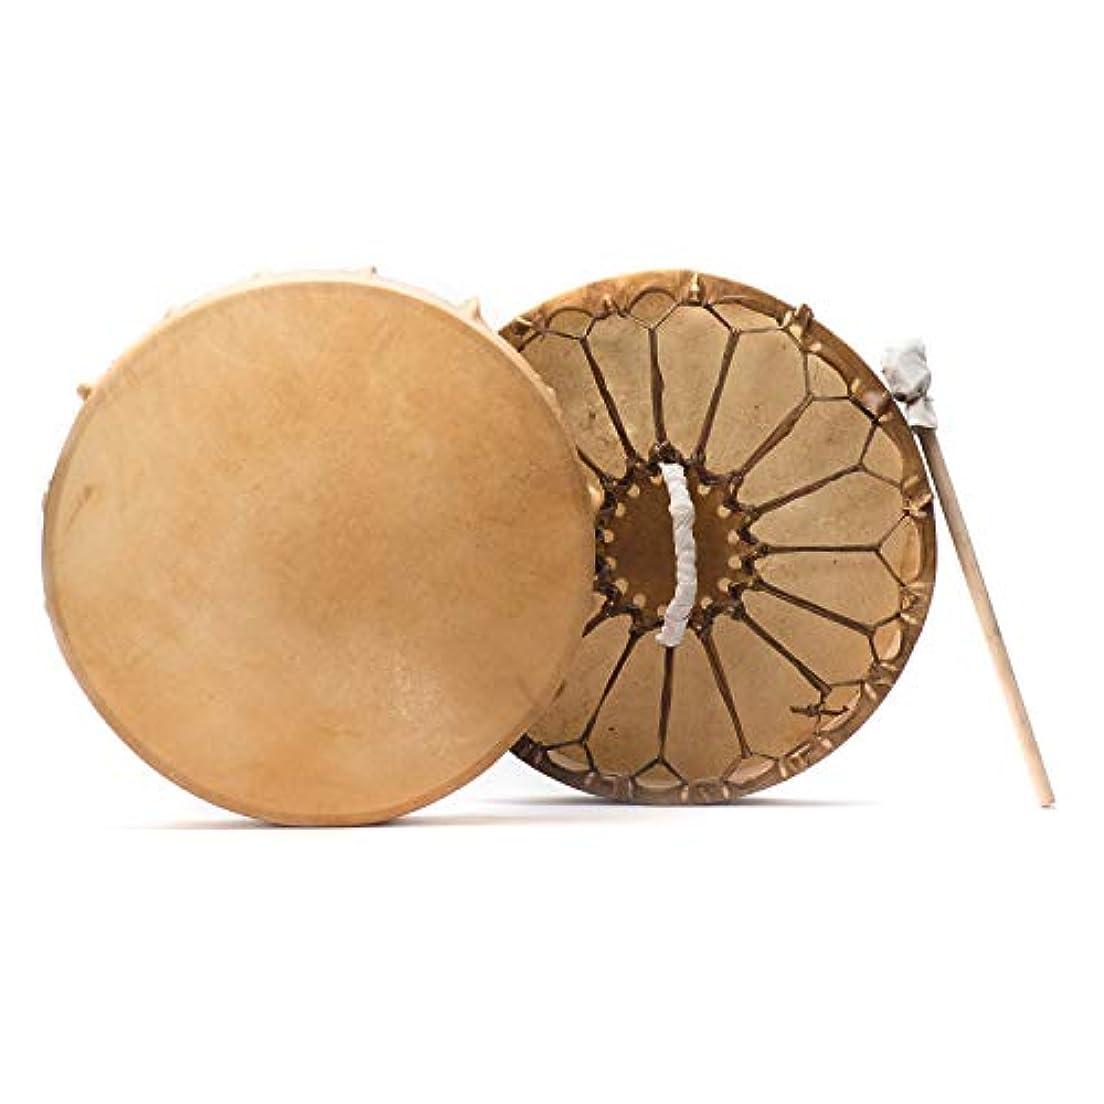 ミュート噴出するペルセウスShamans市場ネイティブアメリカンスタイルBuffalo Hideフレーム手ドラム18 in